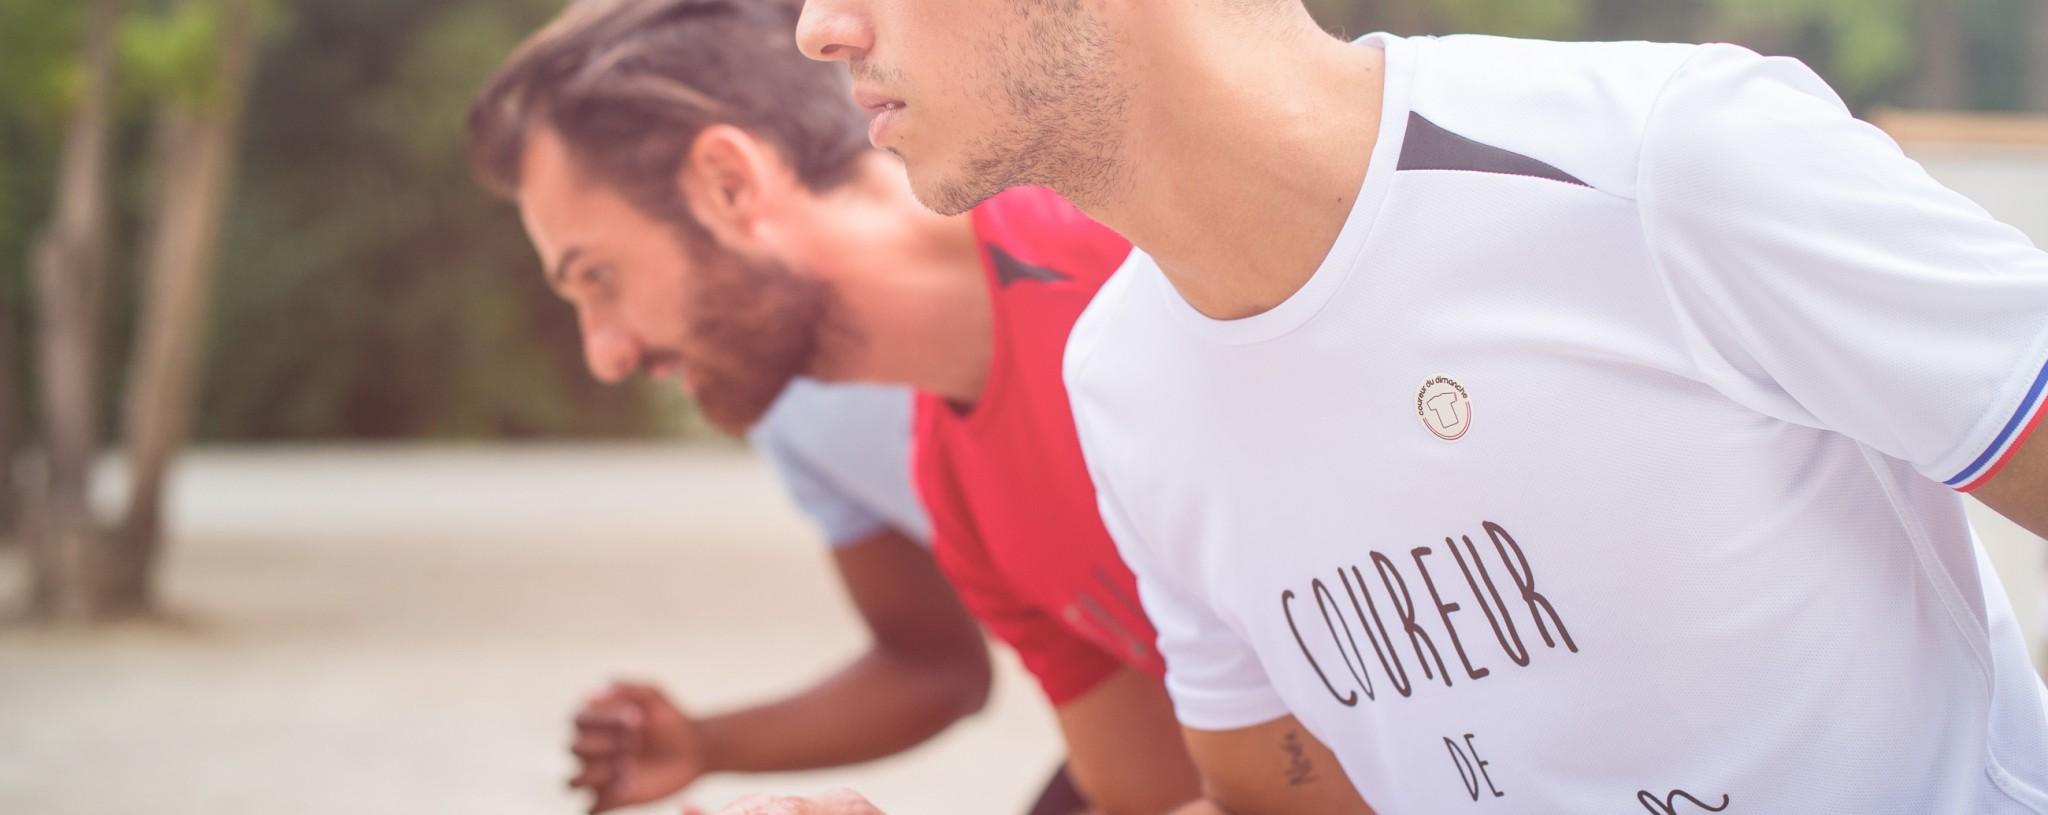 Coureur du Dimanche-running-marque-sport-france-francaise-courir-course-mode-tendance-t-shirt-effronté-01